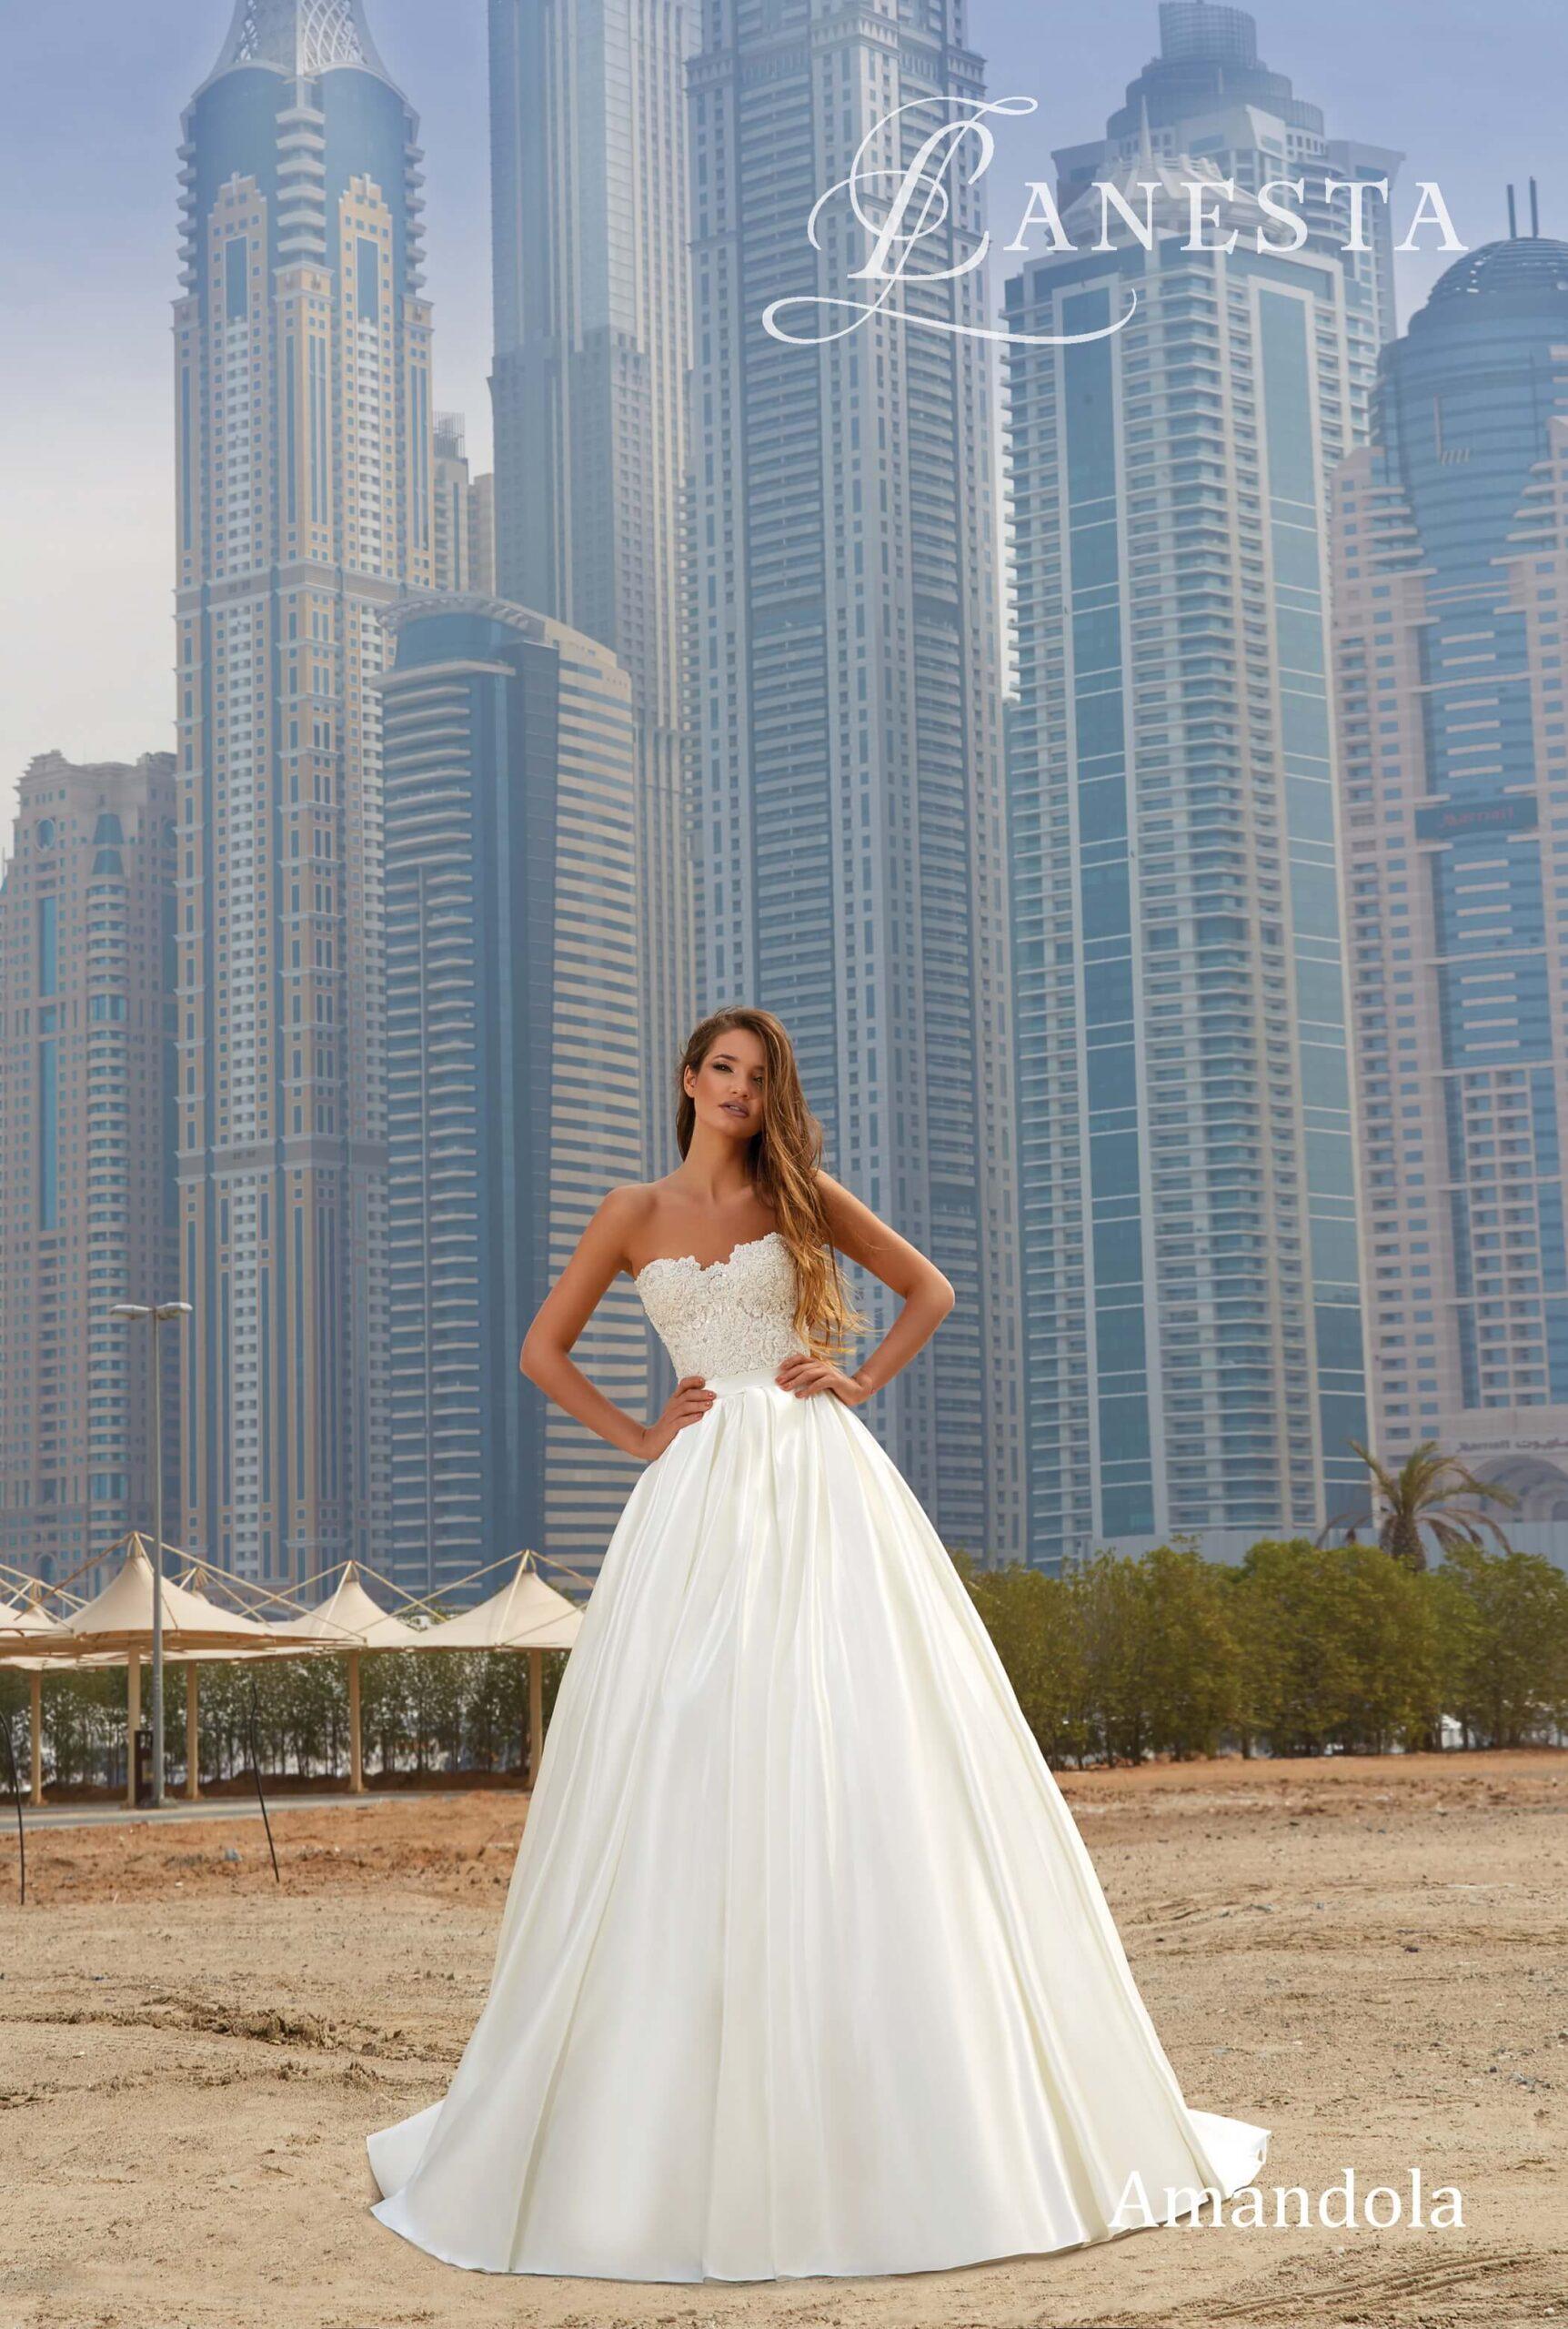 Свадебное платье Amandola Lanesta